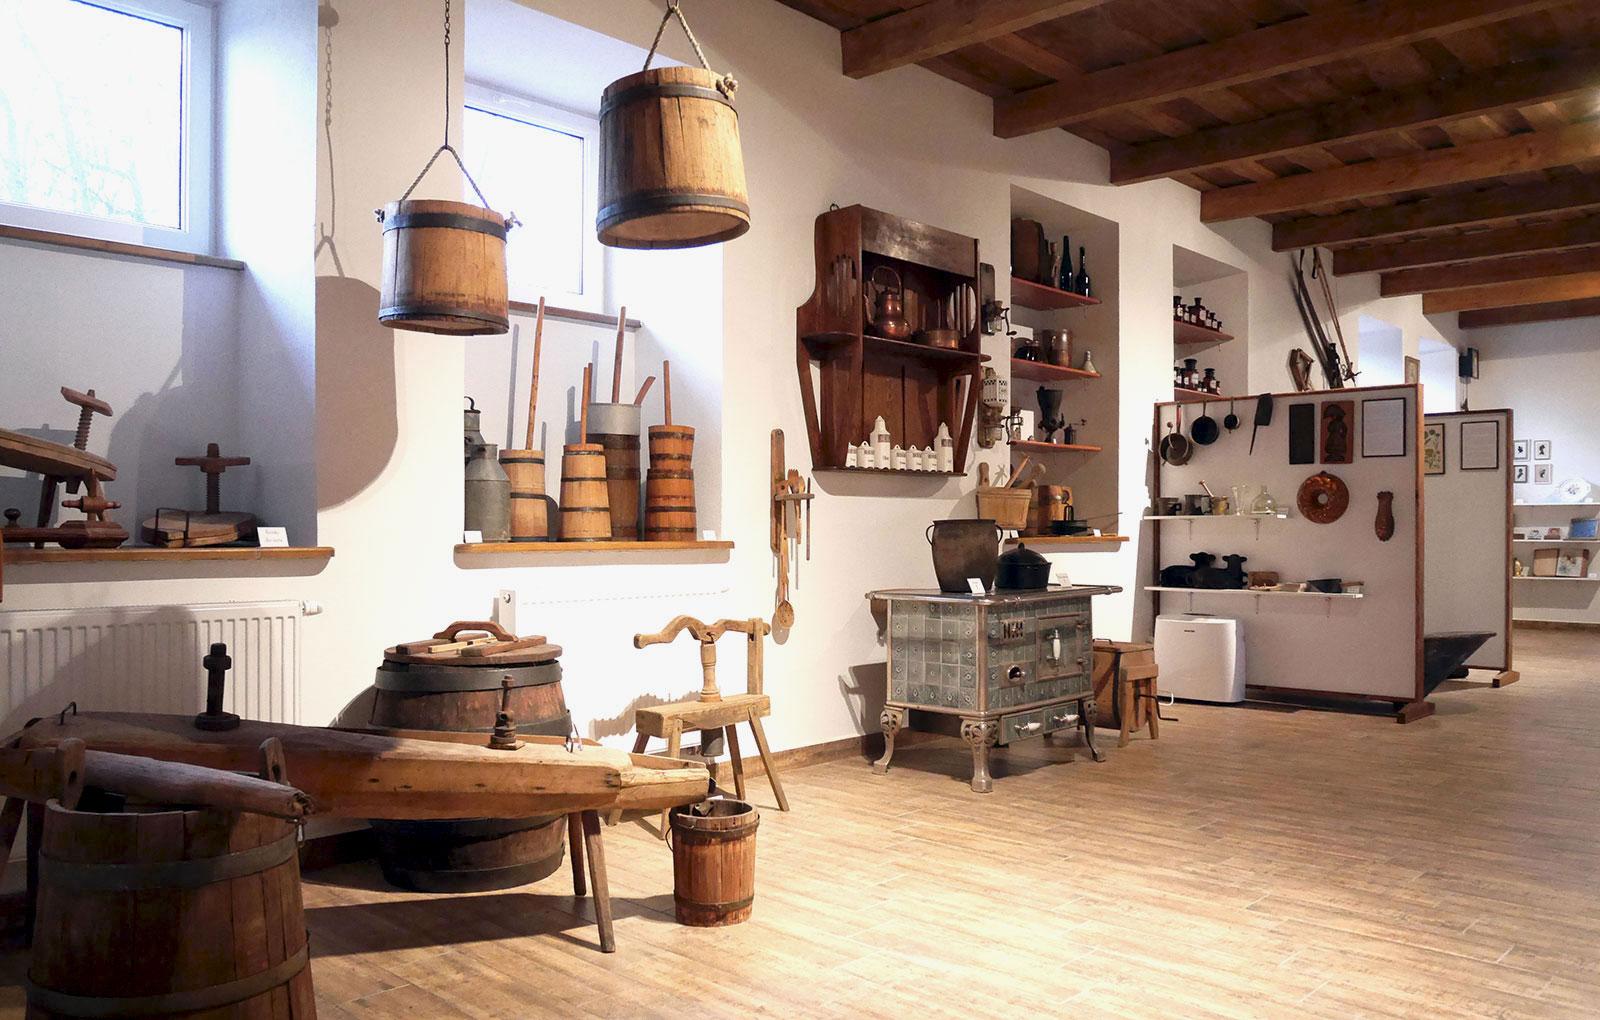 Kuchnia We Dworze Izba Tradycji W Lasochowie